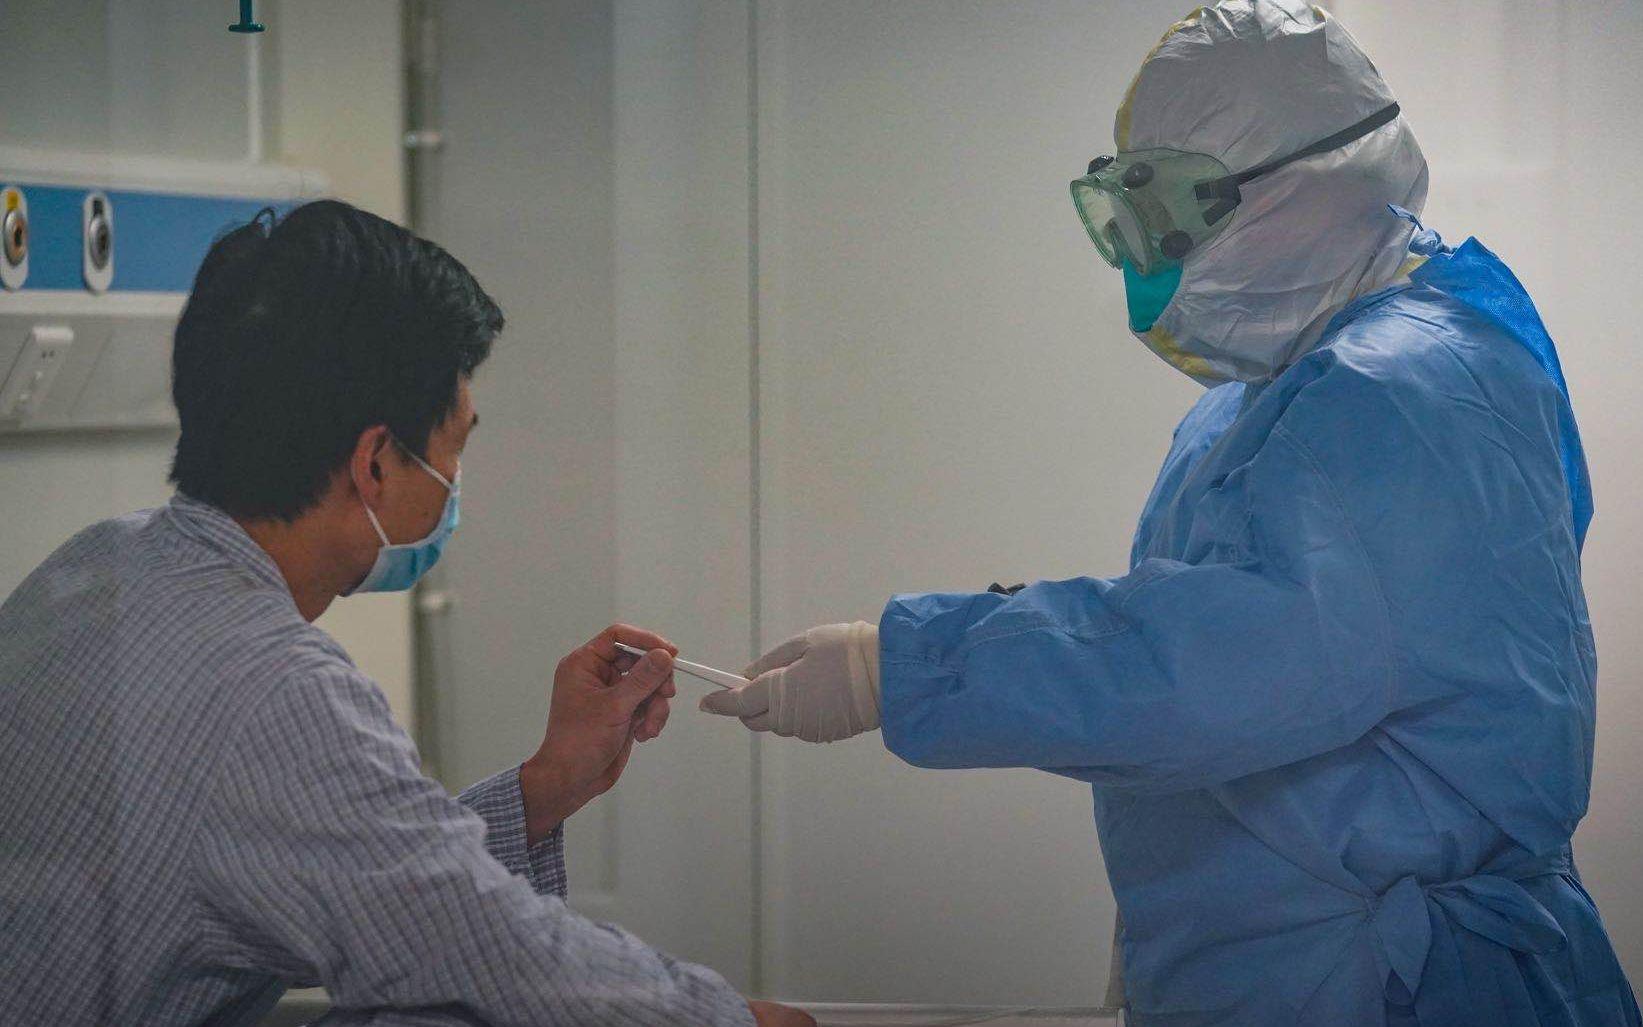 6月16日,北京地坛医院病区内,医务人员正在工作。新京报记者陶冉 摄